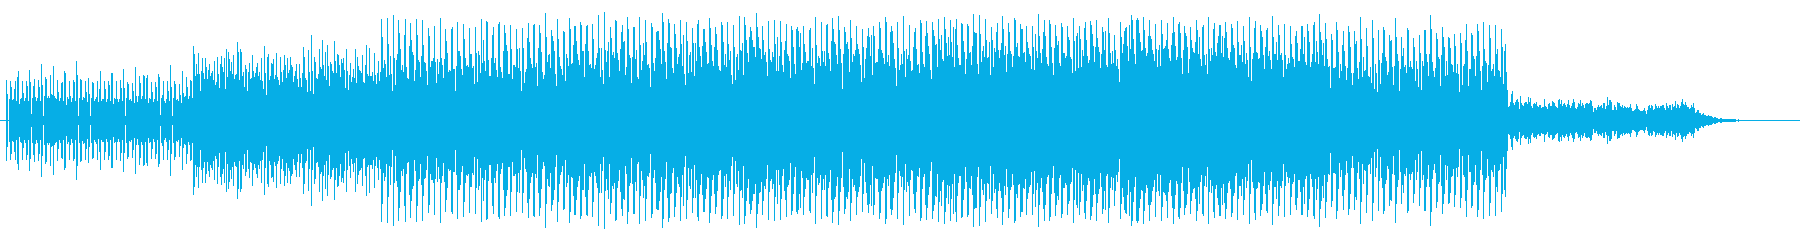 疾走感のあるトランステクノですの再生済みの波形